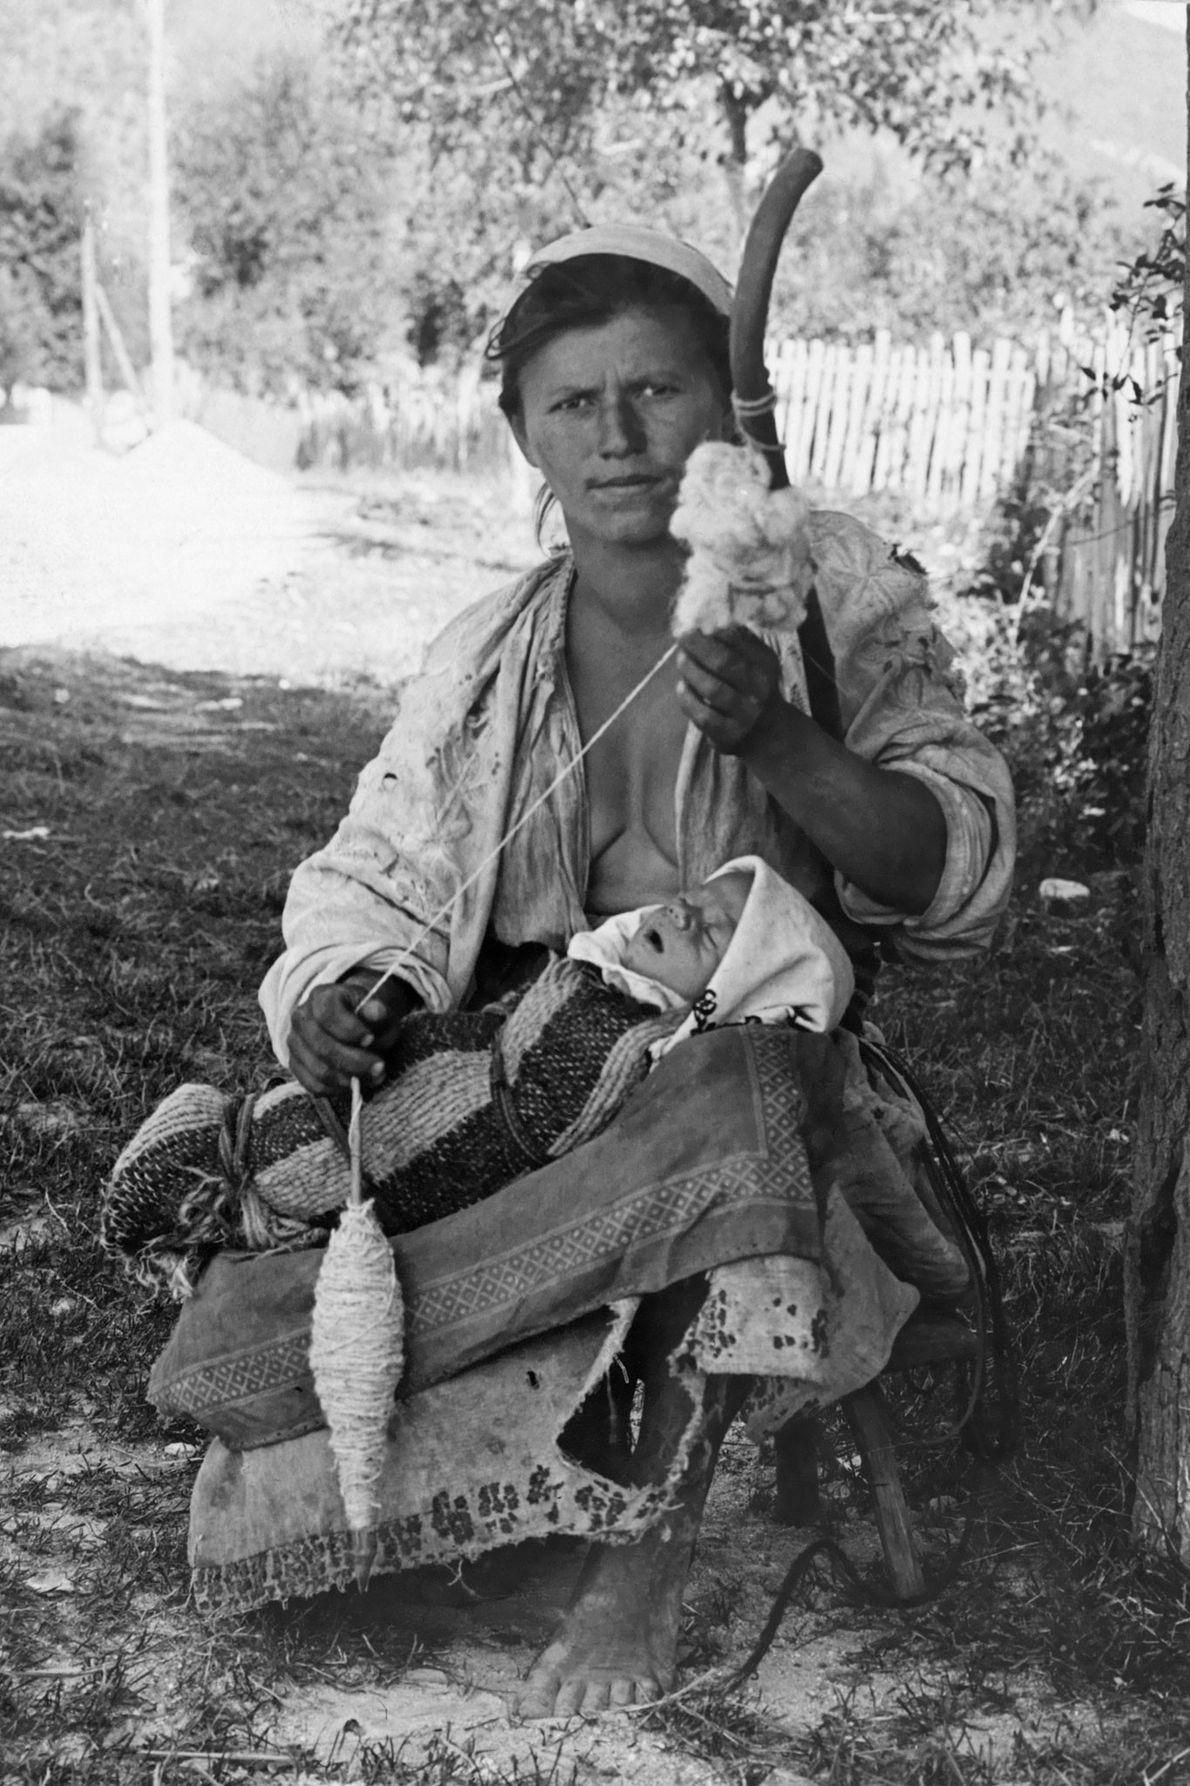 Eine ungarische Frau spinnt Wolle, während ihr Baby auf ihrem Schoß schläft.